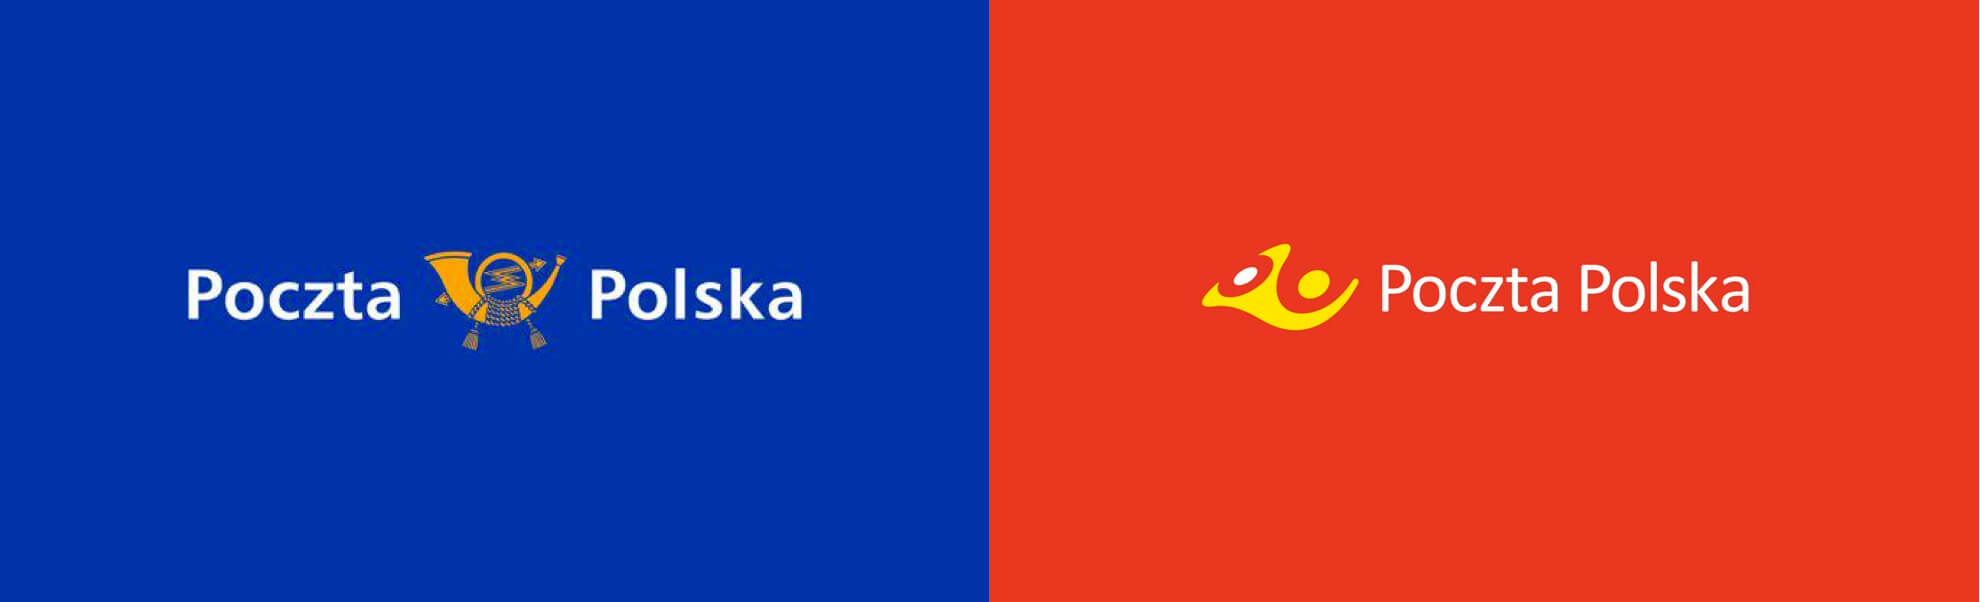 Poczta polska stare inowe logo